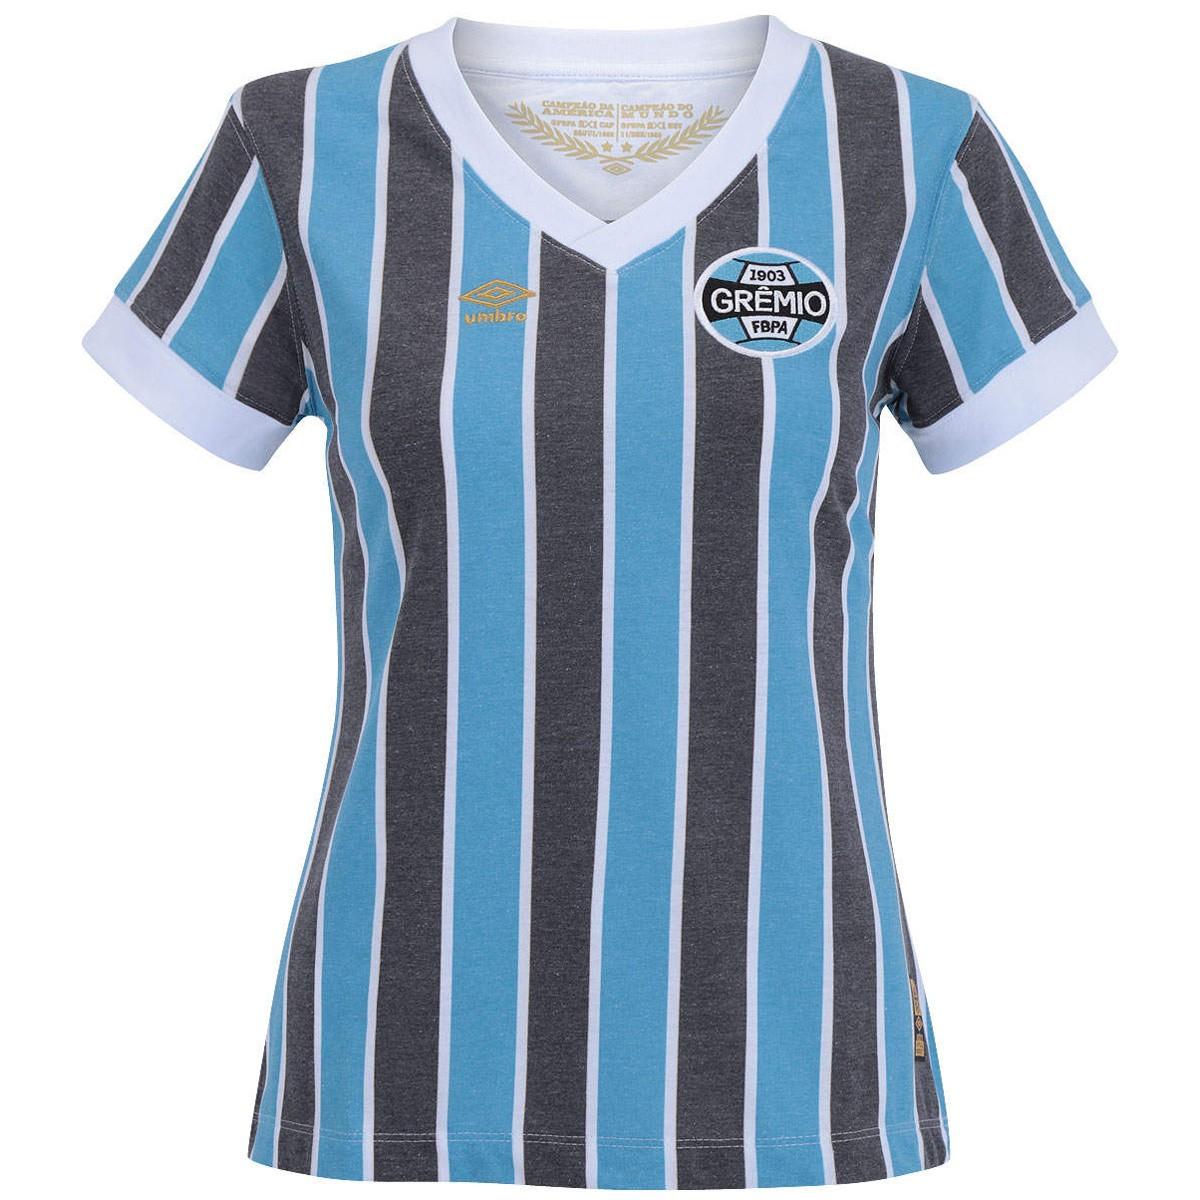 d6b1507f10ace Camisa Umbro Grêmio Feminina Retro 1983 3G00032 - Listrada - Botas ...